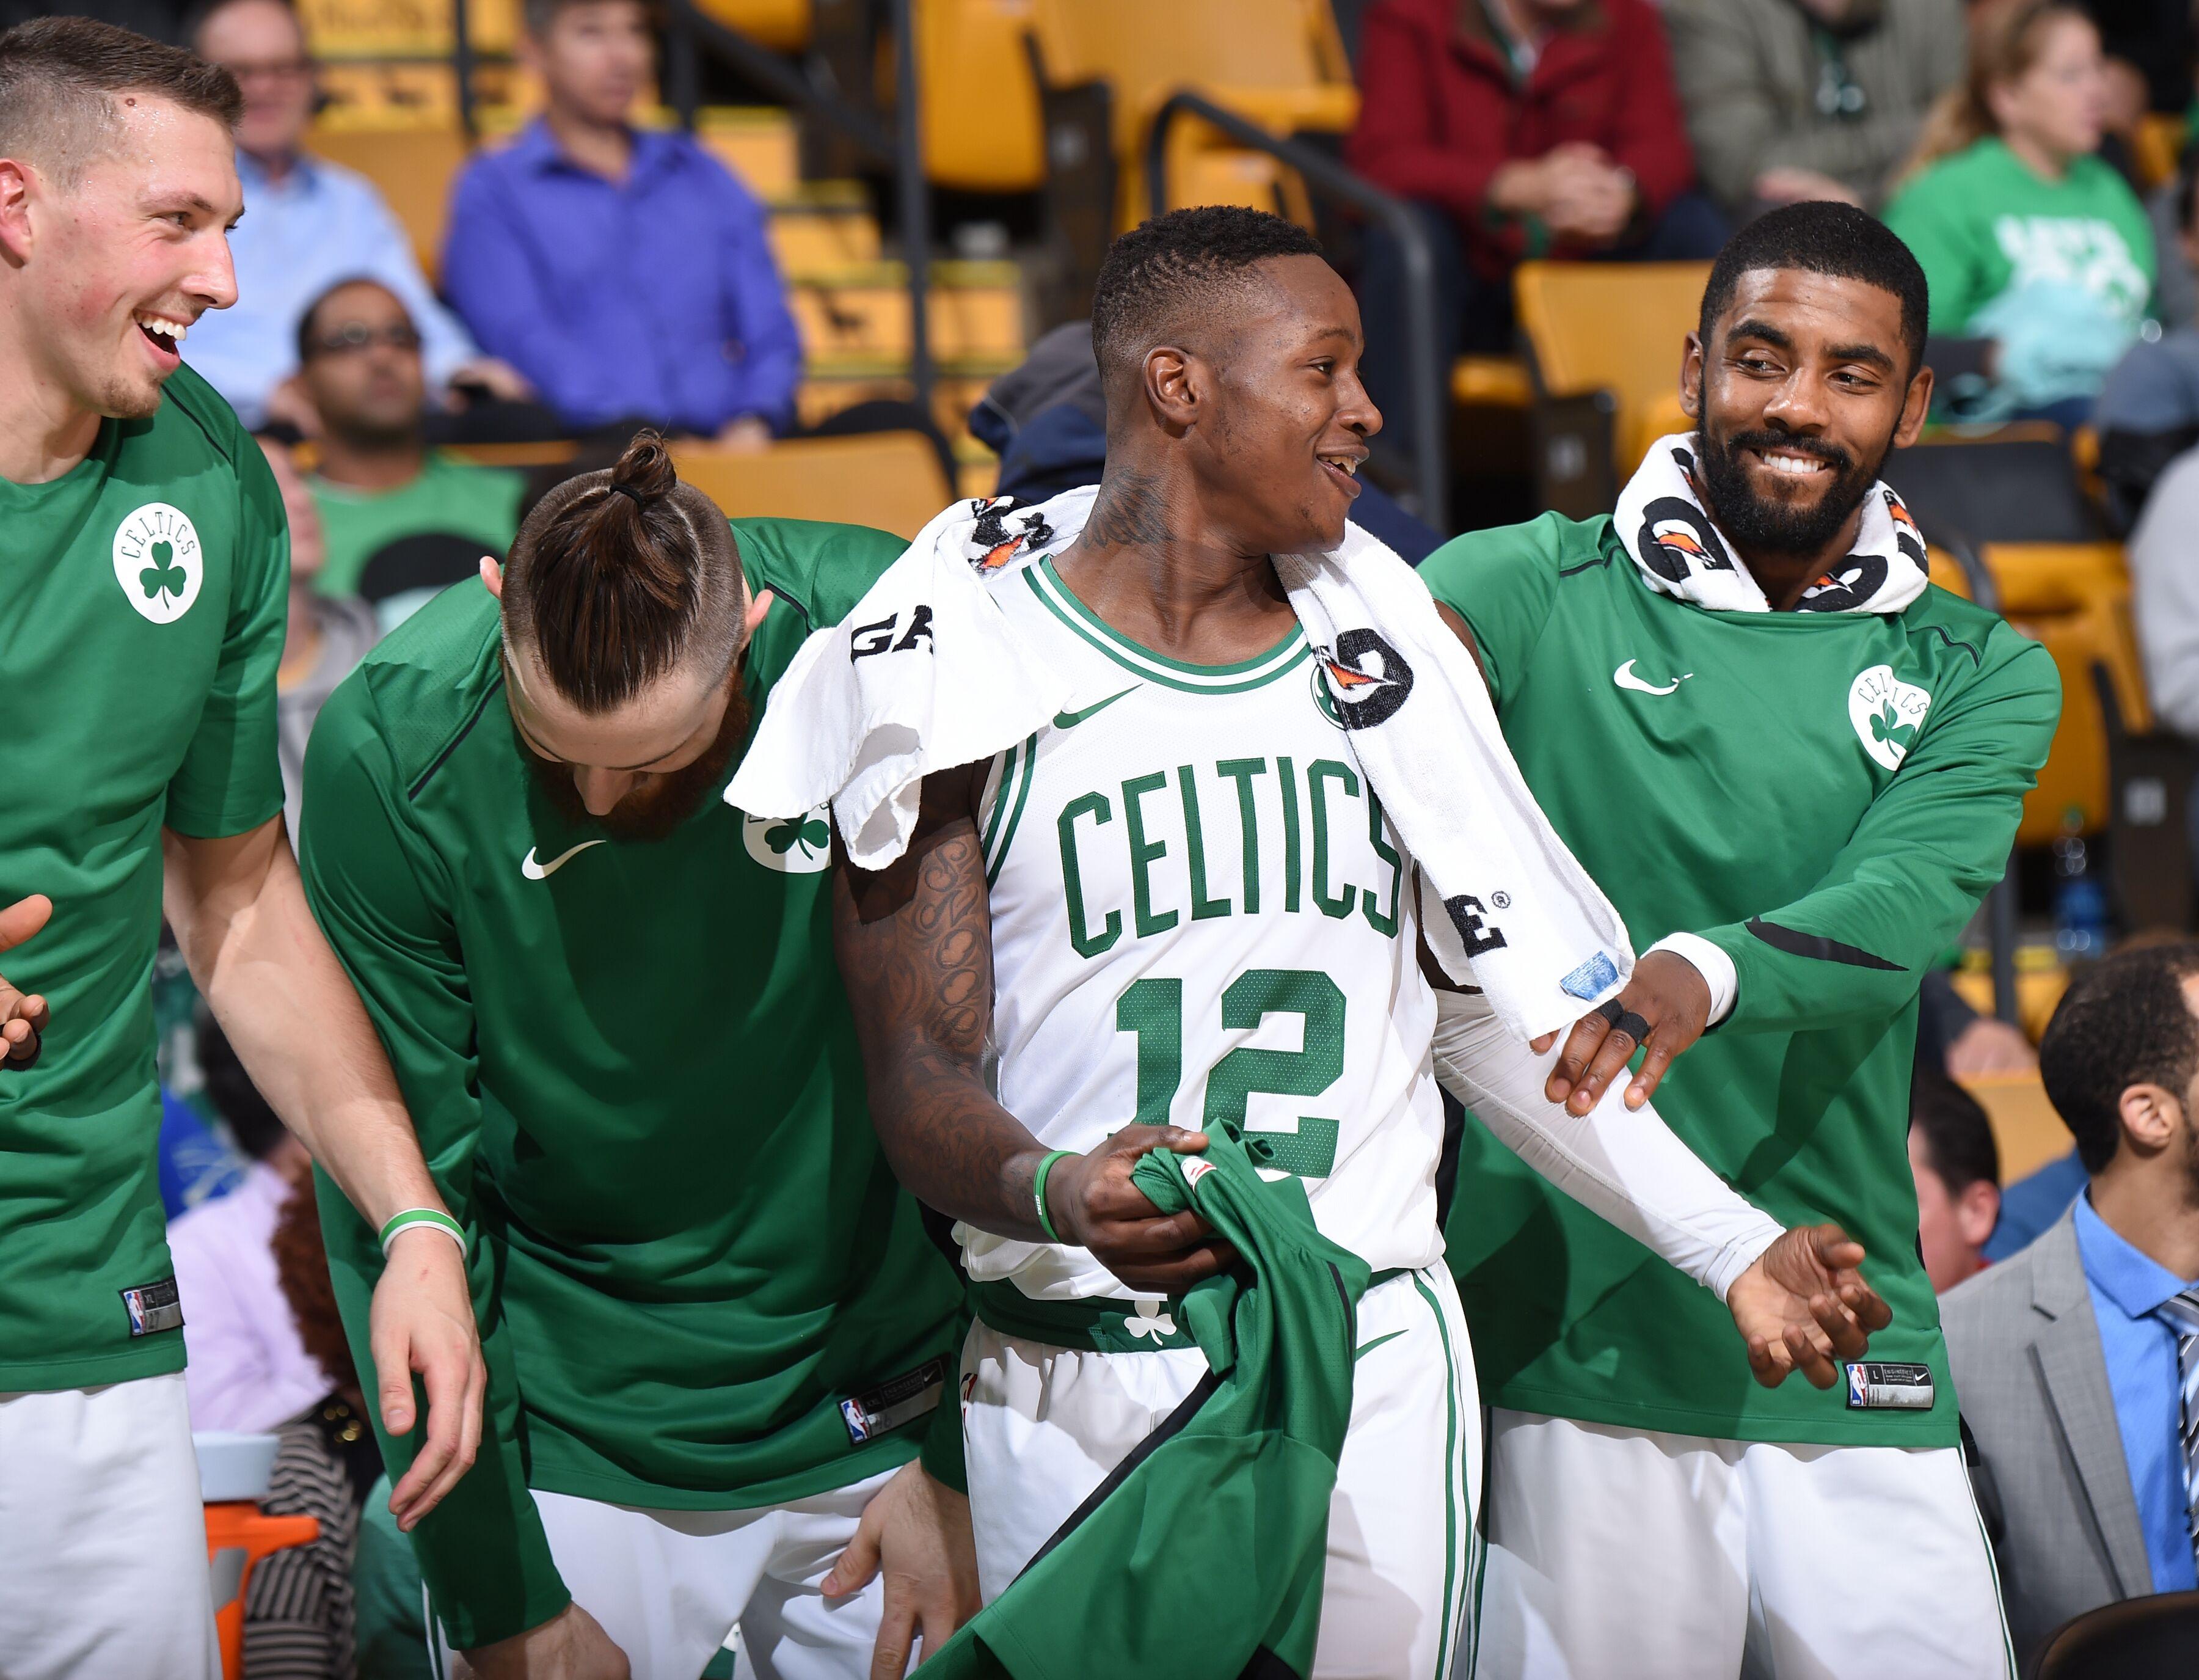 Celtics Vs Kings Image: OKC Thunder Player Grades: Down 18 -Celtics Come Back To